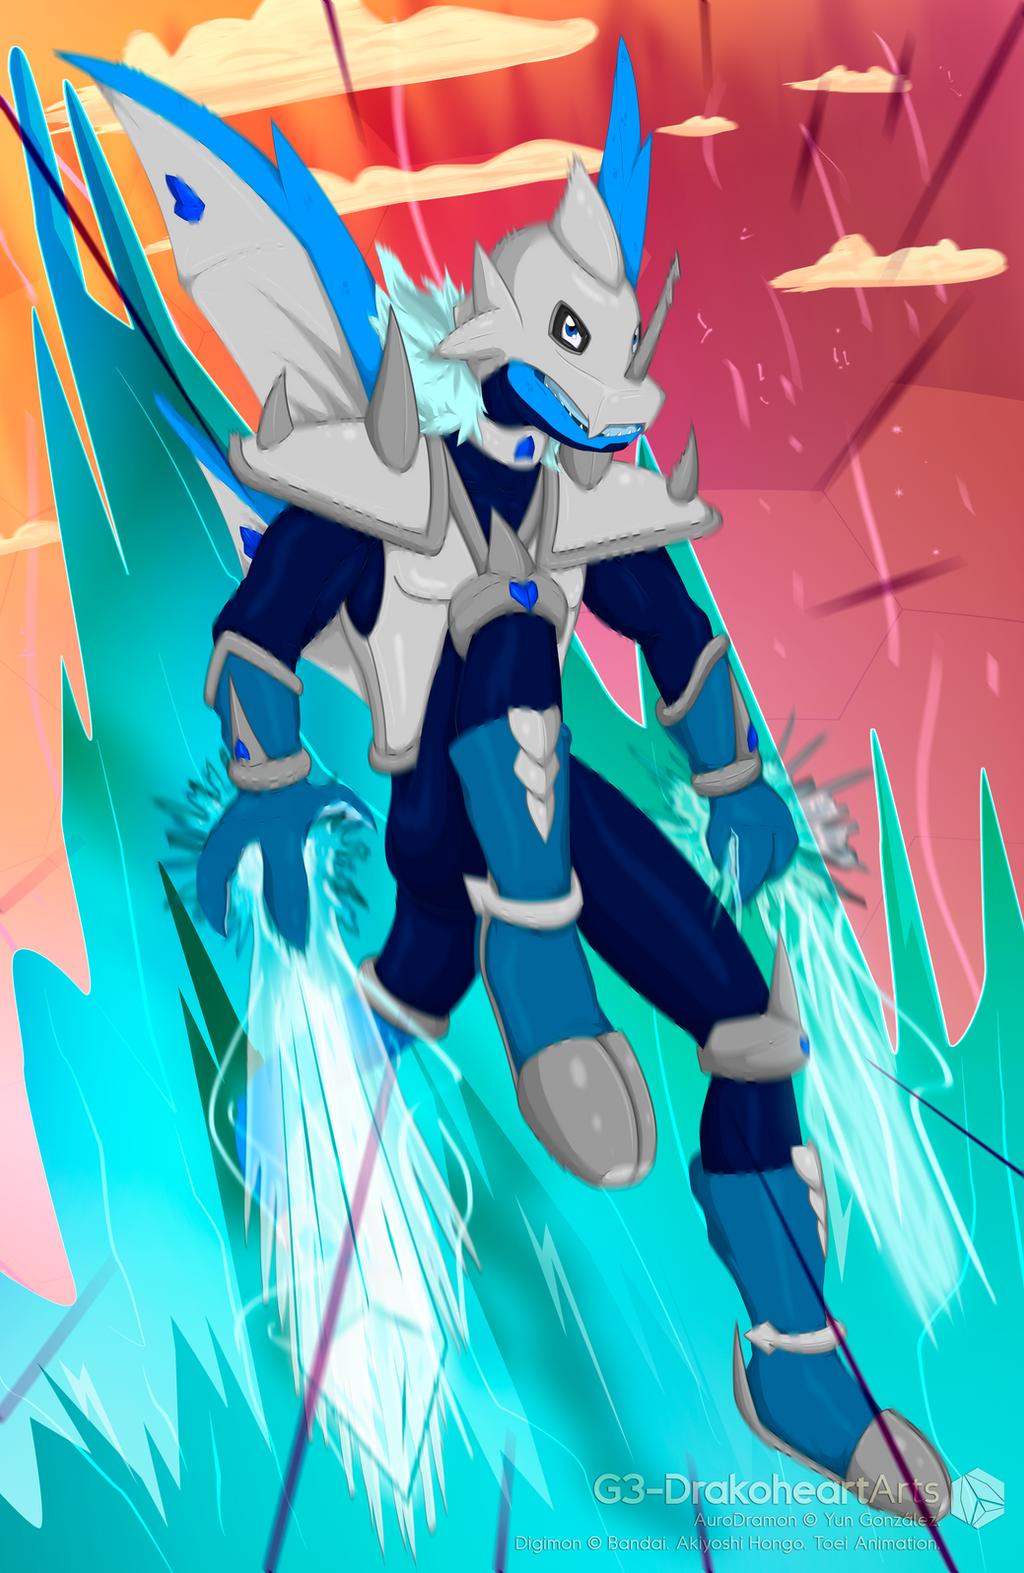 Buenas. ^^ Frozen_swords_by_g3drakoheart_arts-d6xqt9k